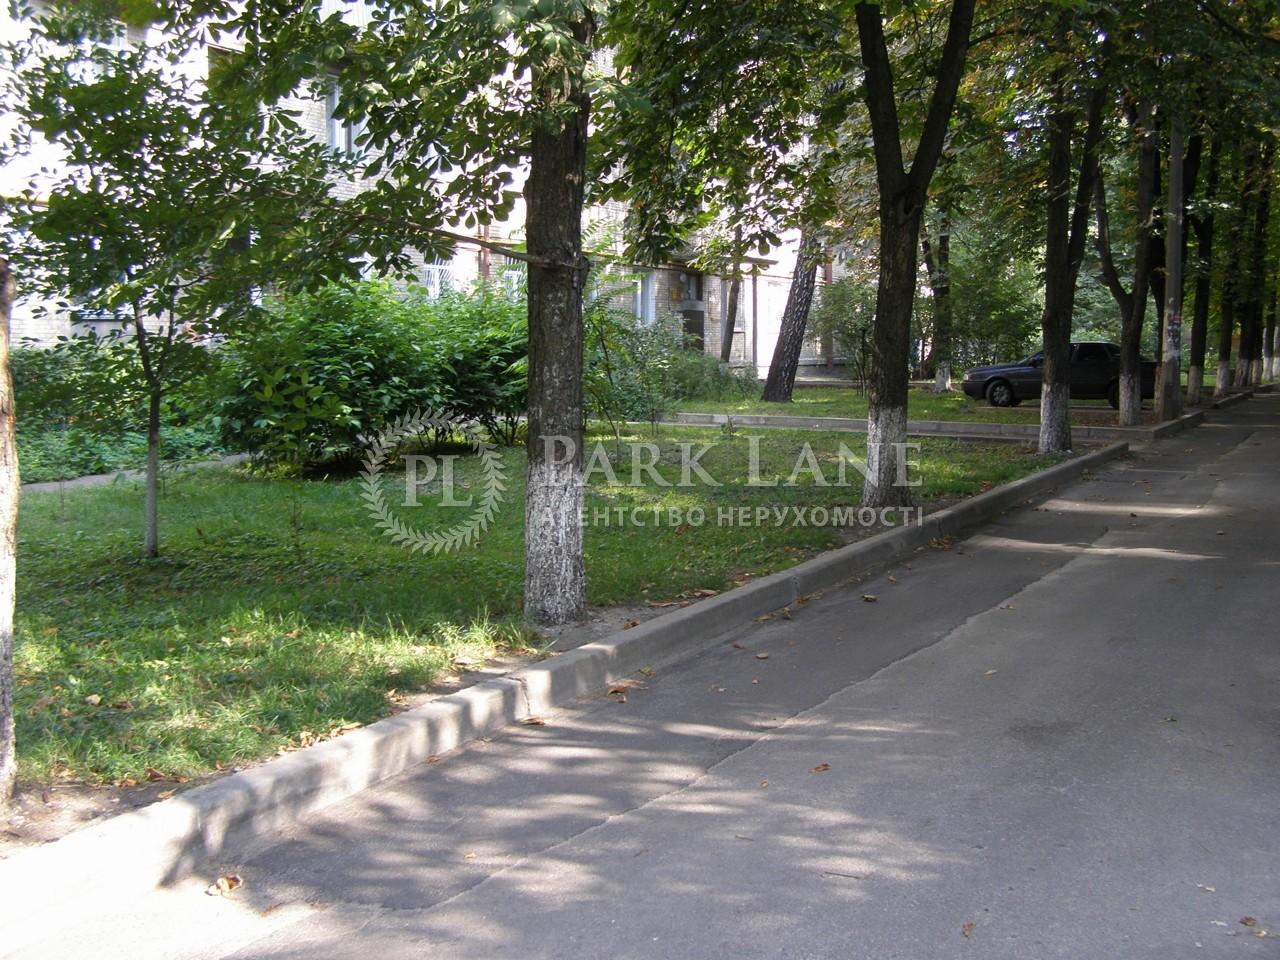 Квартира ул. Питерская, 6, Киев, N-8452 - Фото 16